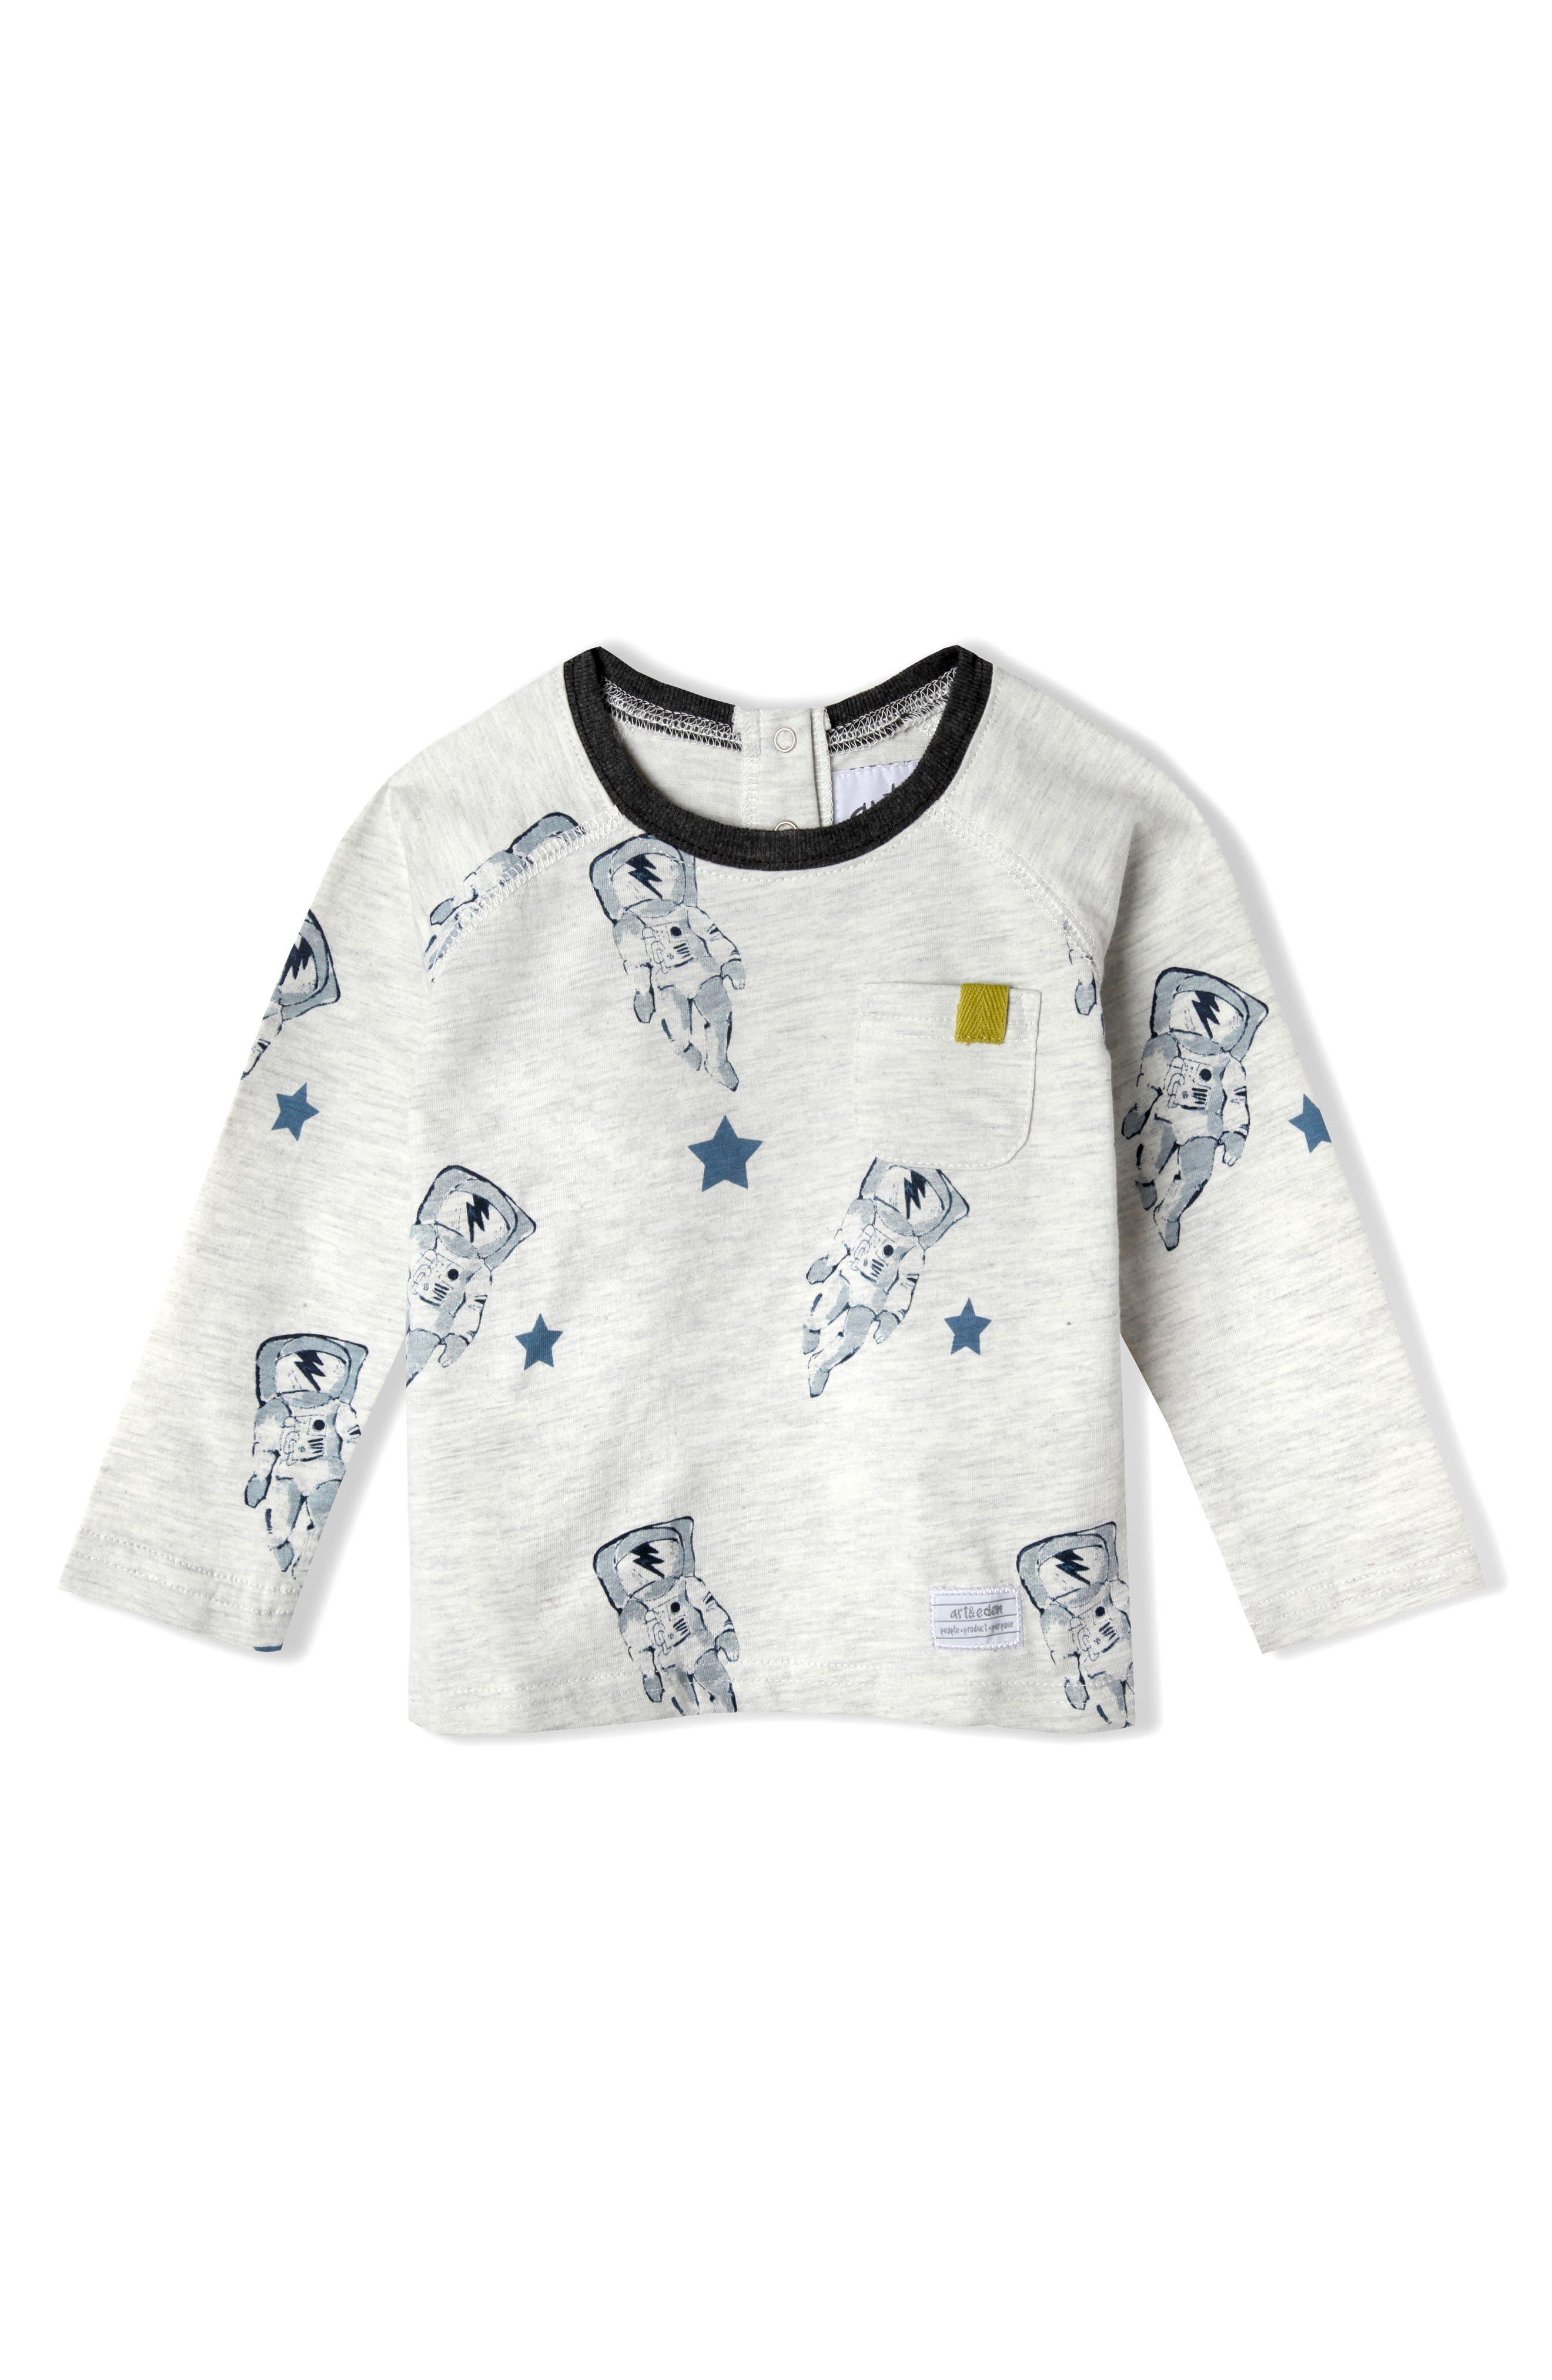 Jacob Organic Cotton T-Shirt,                             Main thumbnail 1, color,